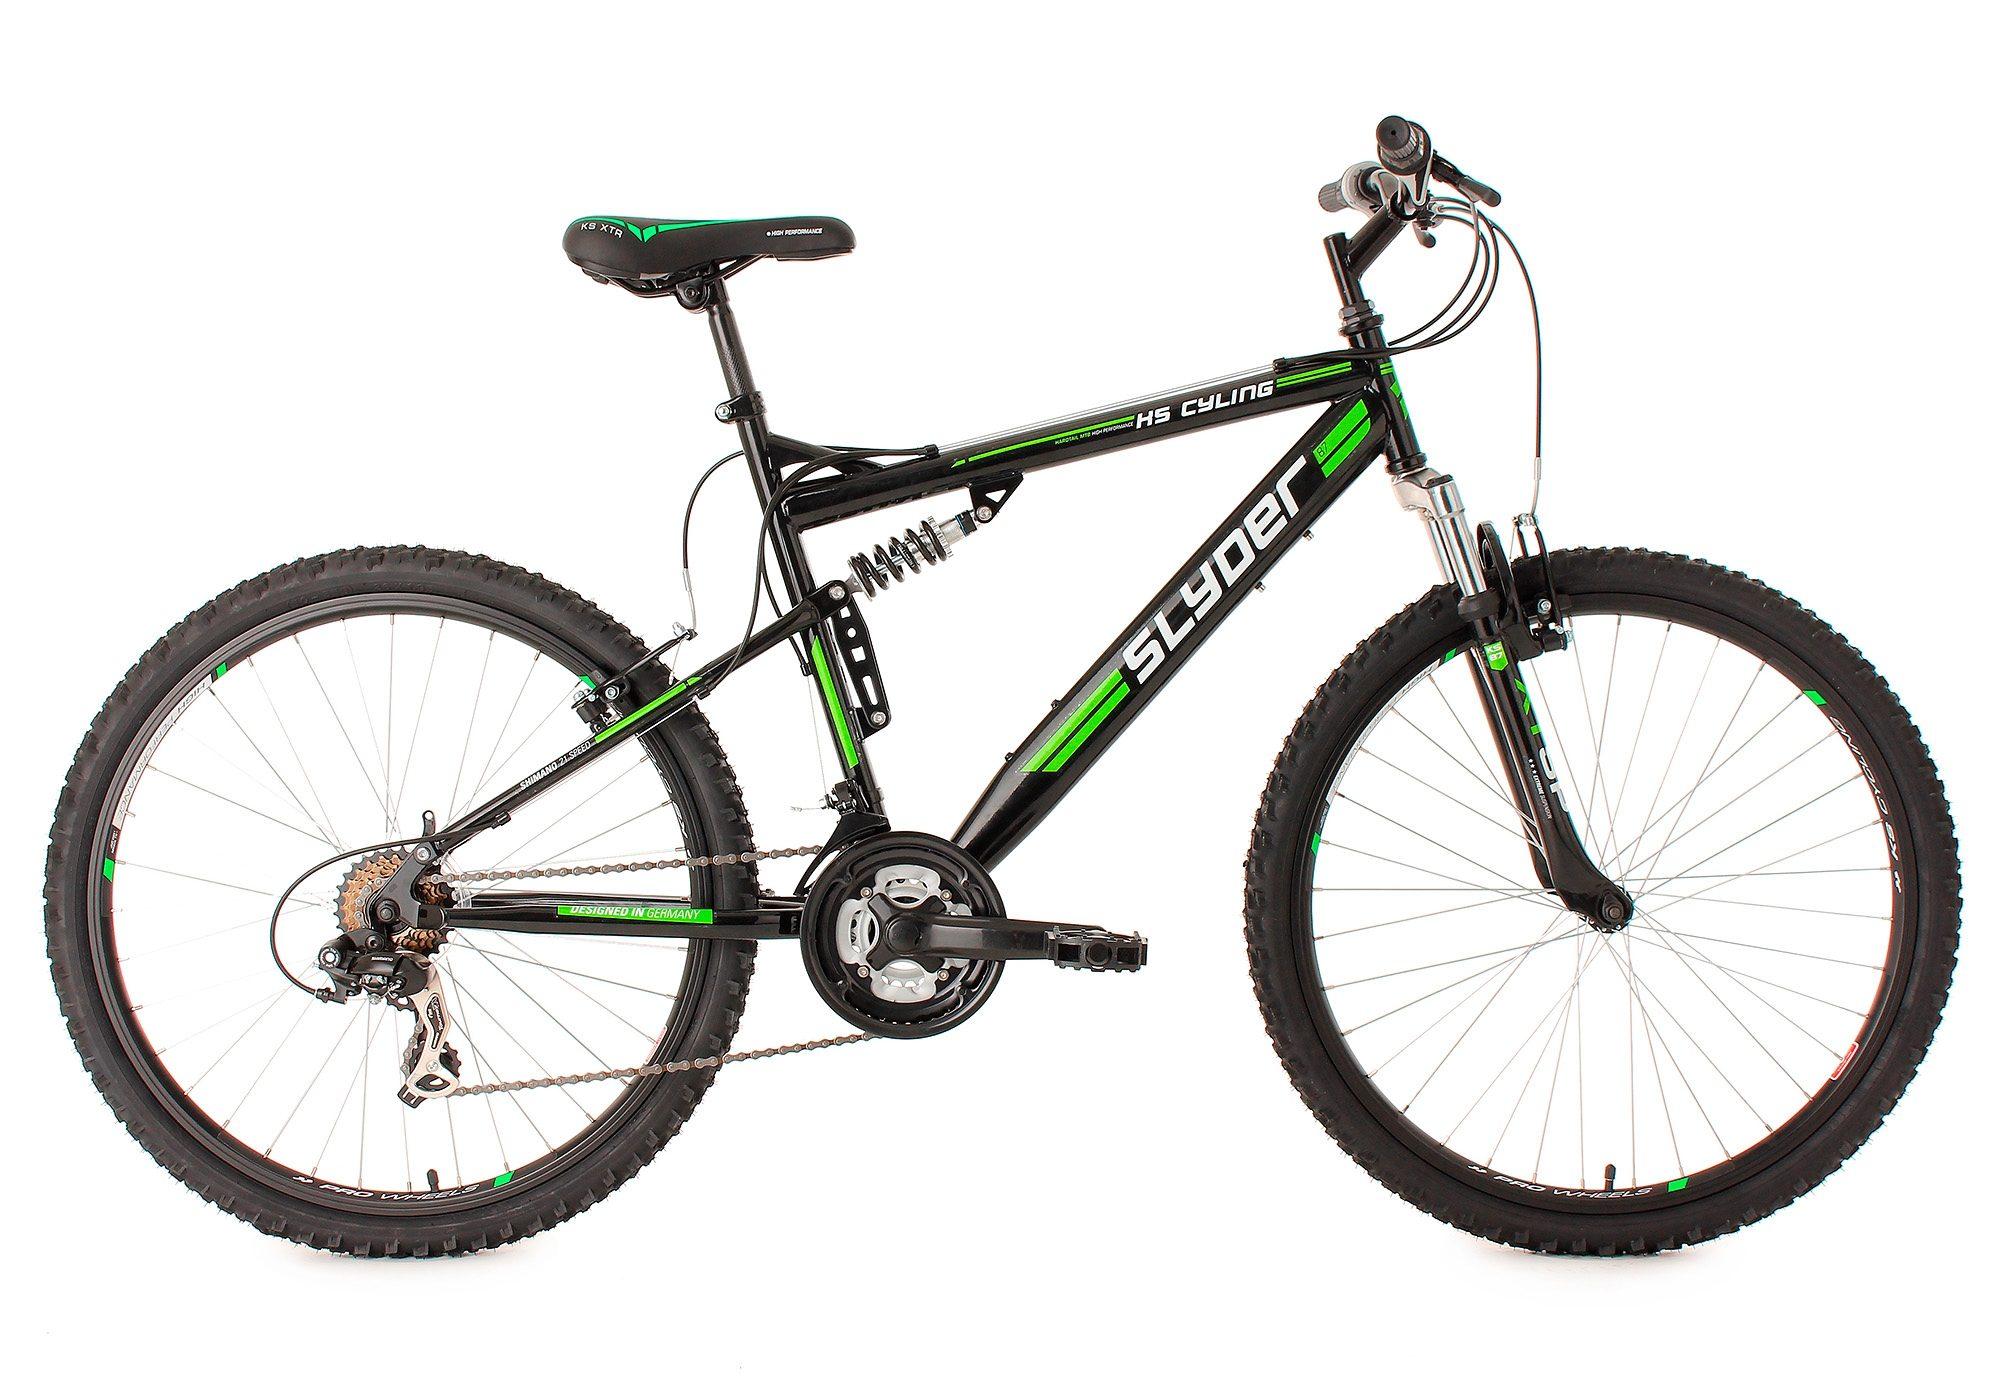 Fully-Mountainbike, 26 Zoll, schwarz, 21 Gang Kettenschaltung, »Slyder«, KS Cycling